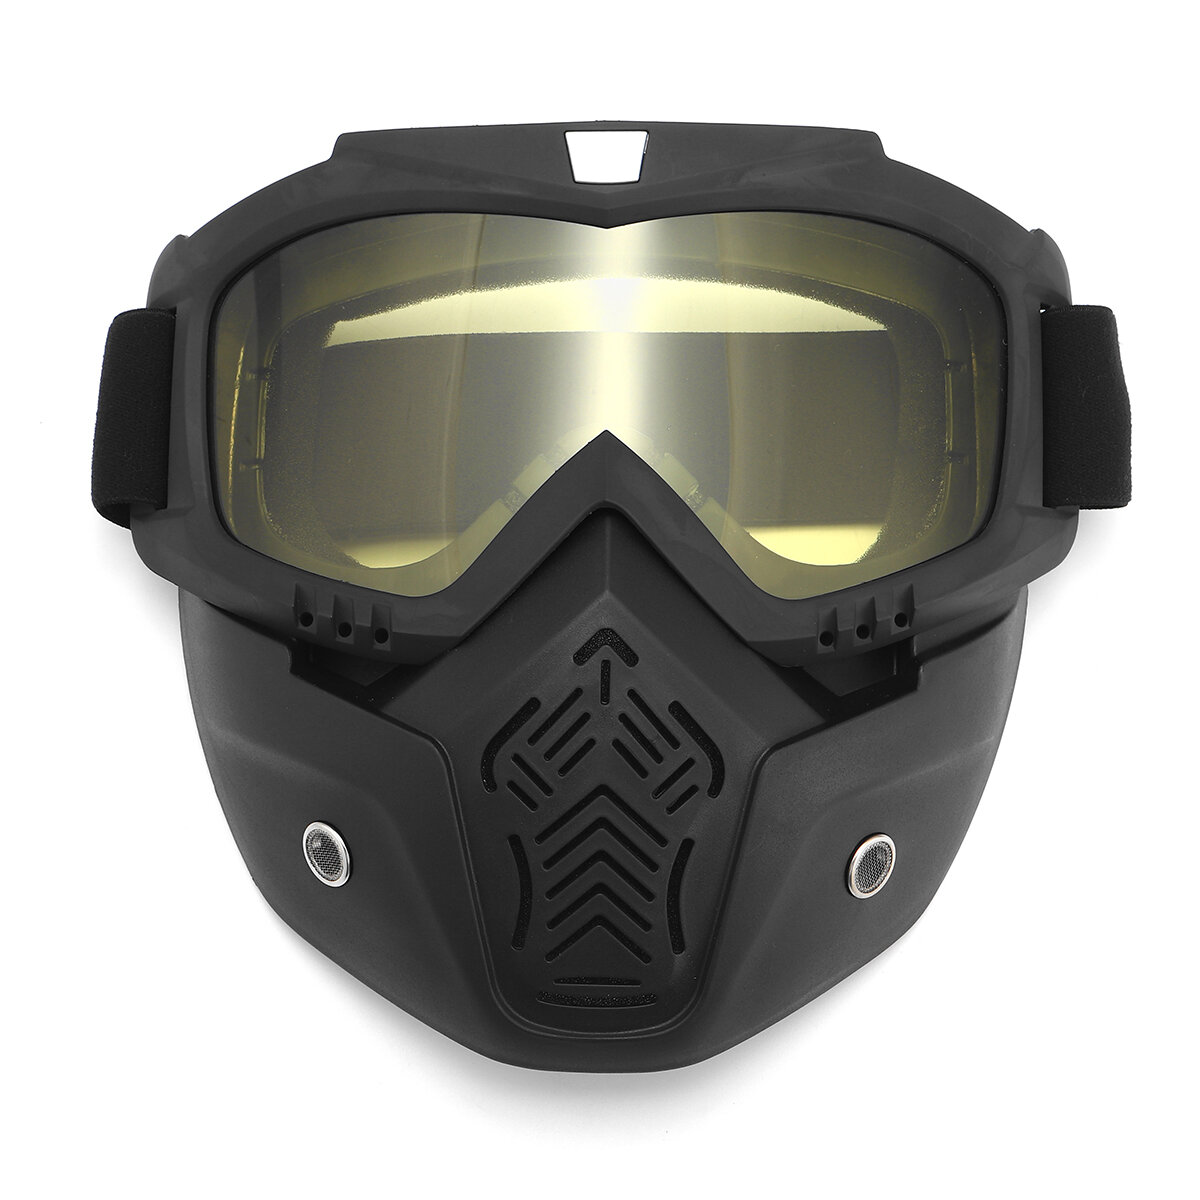 Motocykl helma maska štít brýle otevřené tvář kolo Motocross brýle motorka